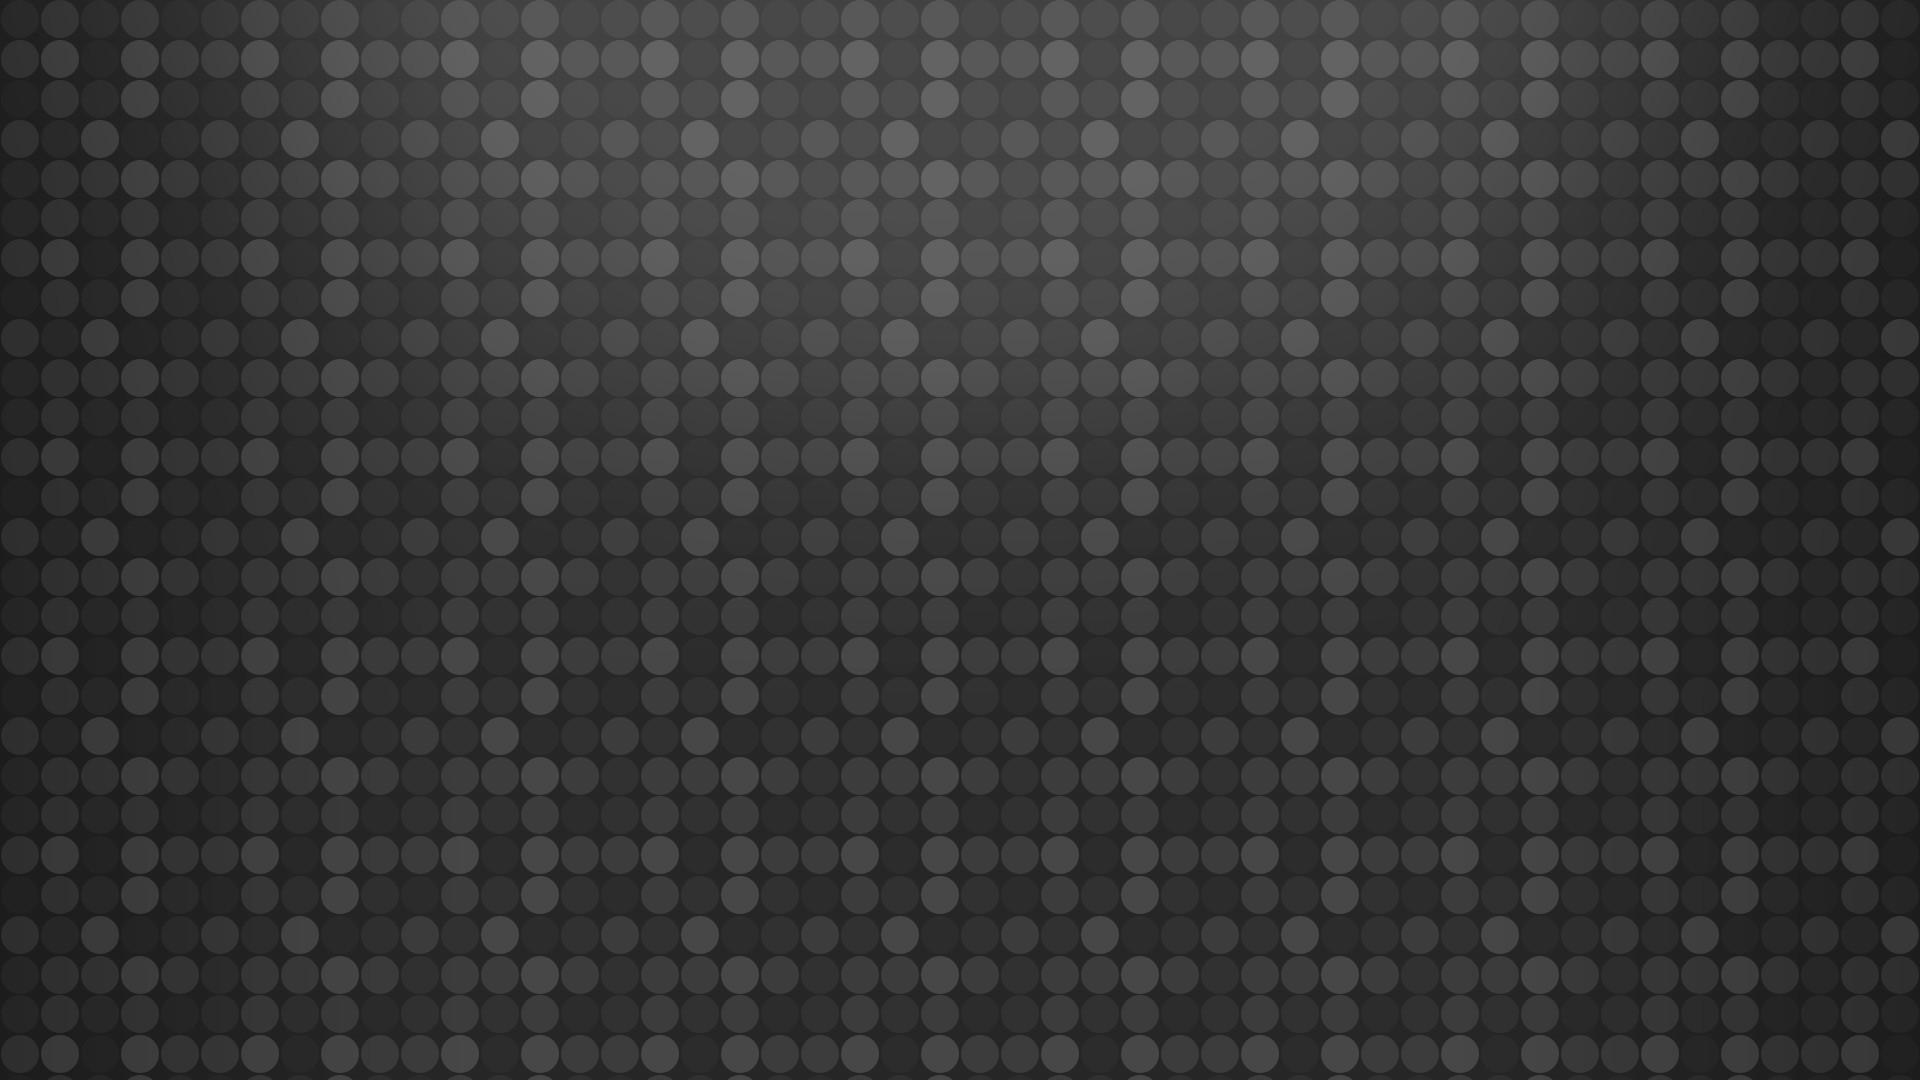 Dark Gray Image